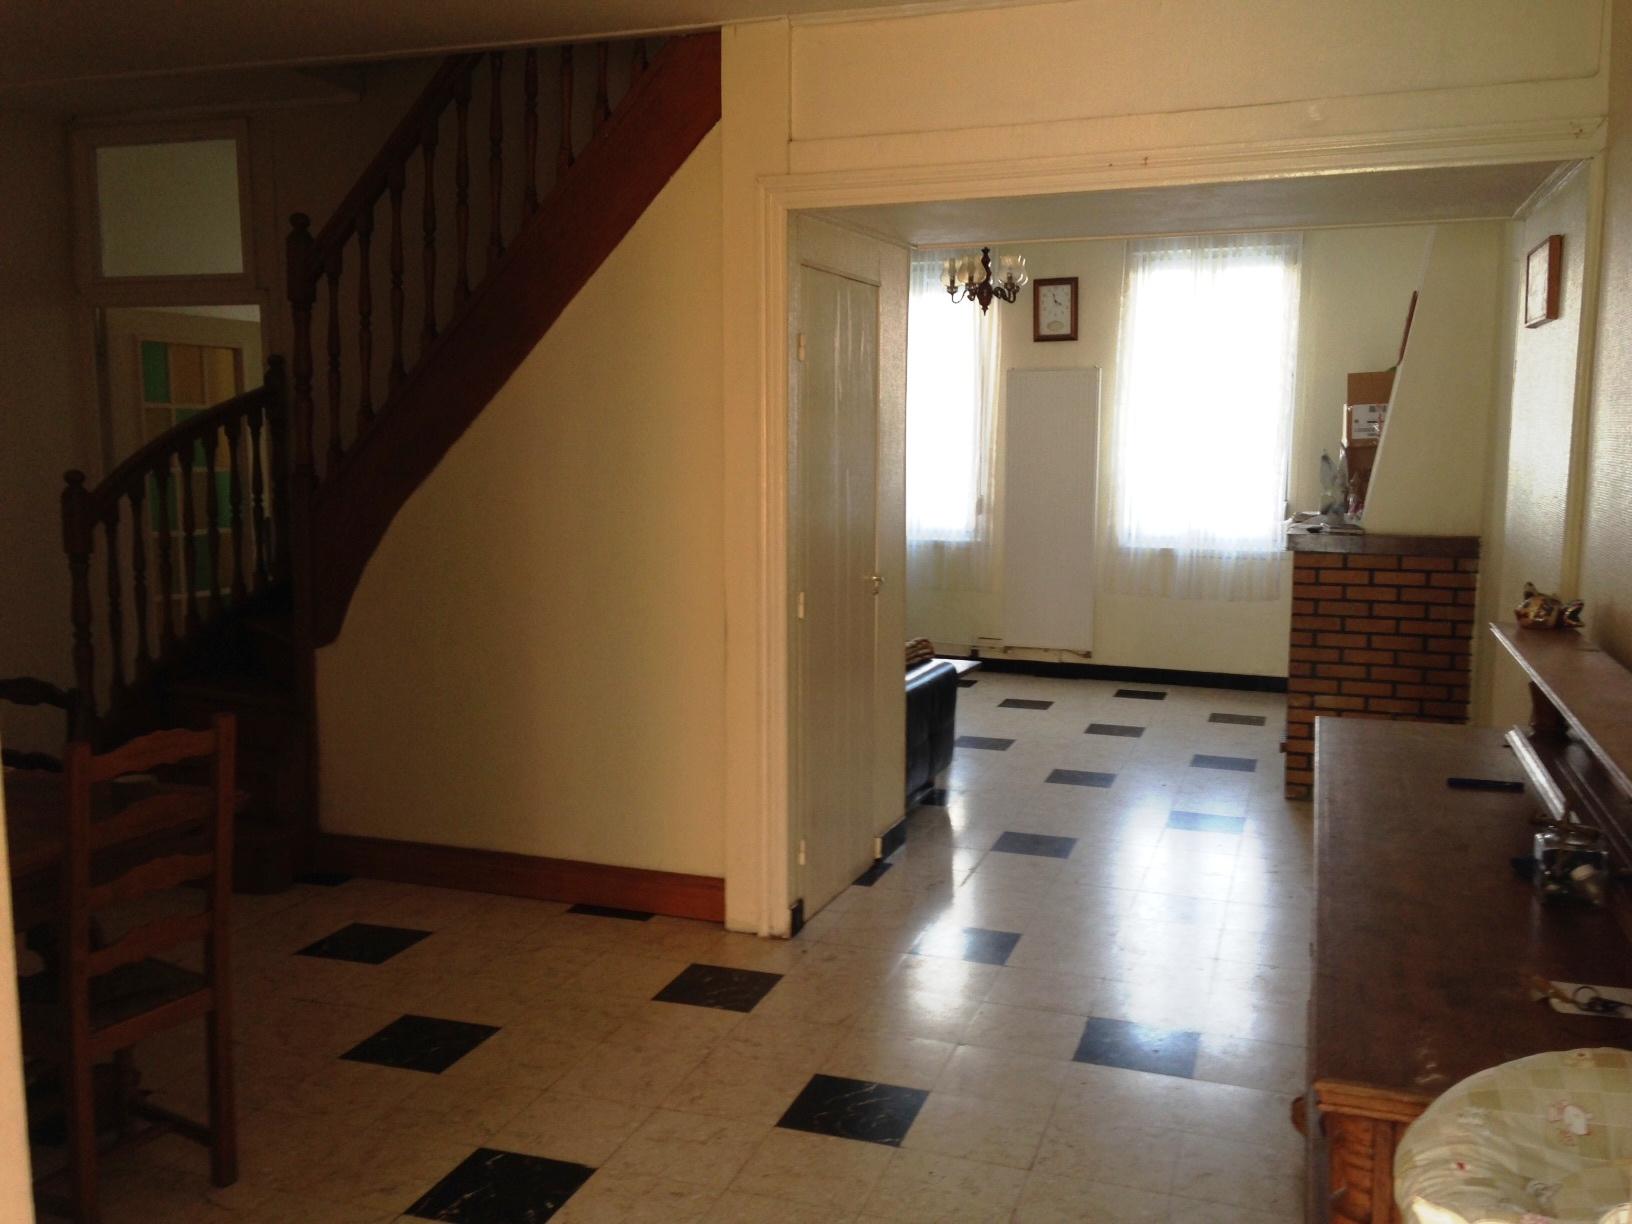 Vente maison individuelle passage sur le c t 5 chambres 1 bureau jardin terrasse 2 salles - Garage petit sains en gohelle ...